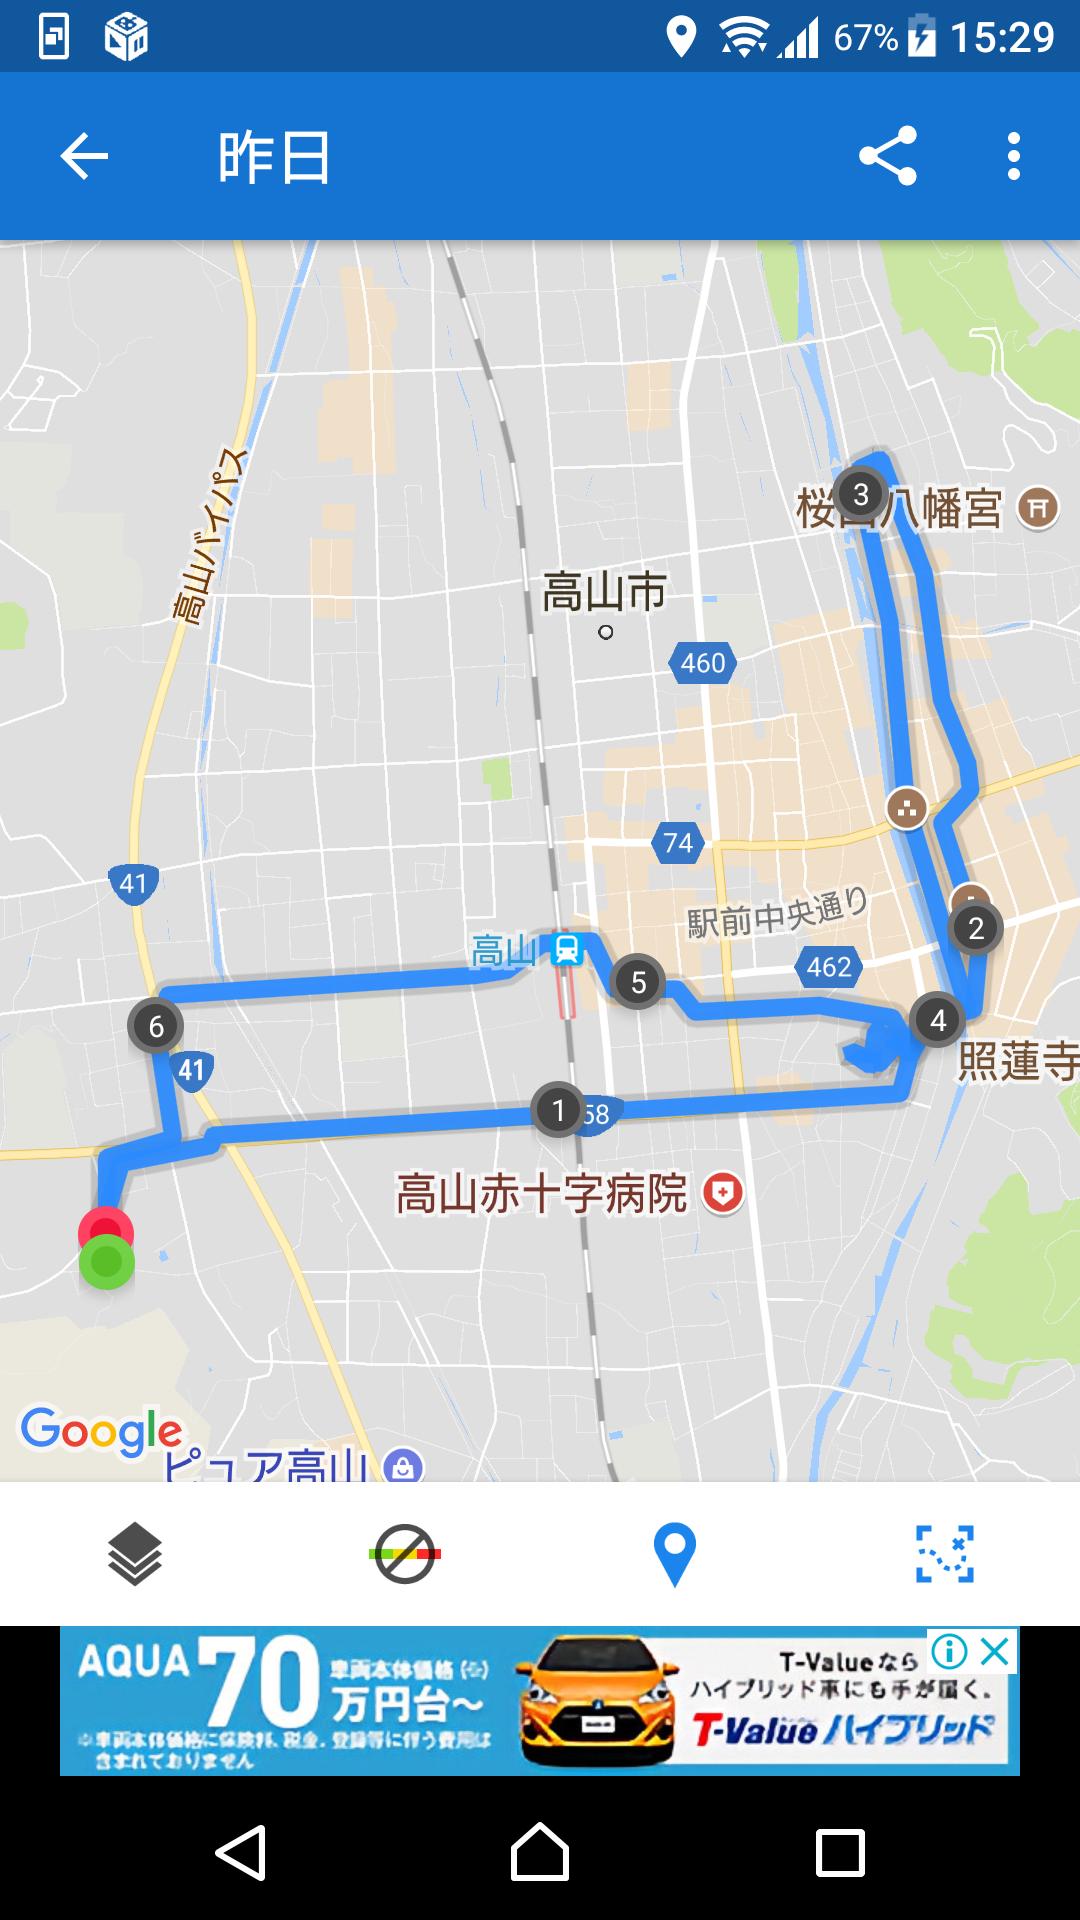 f:id:ynakayama27:20170725161301p:plain